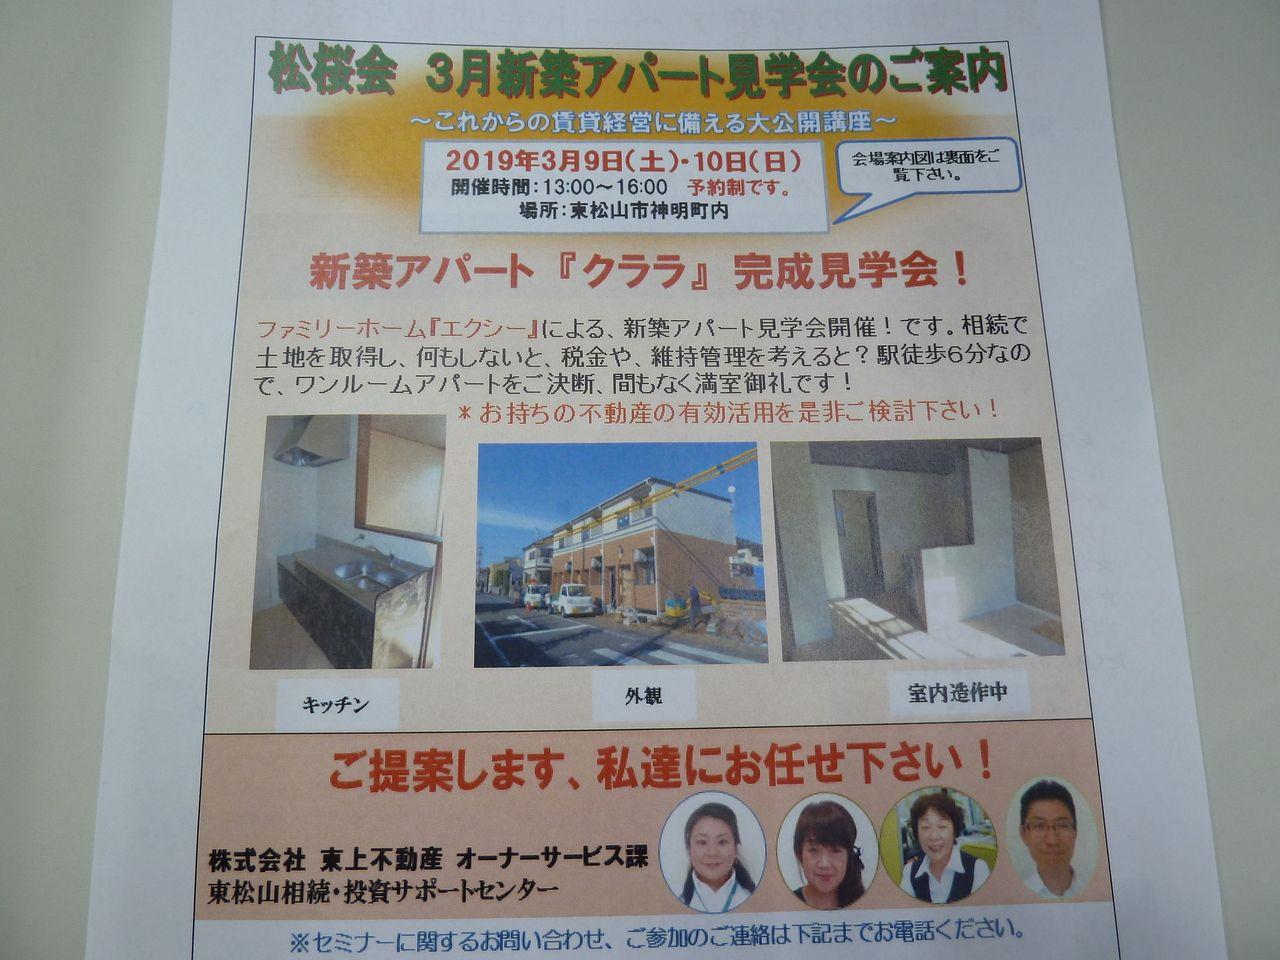 新築アパート、新築戸建賃貸の完成見学会開催!